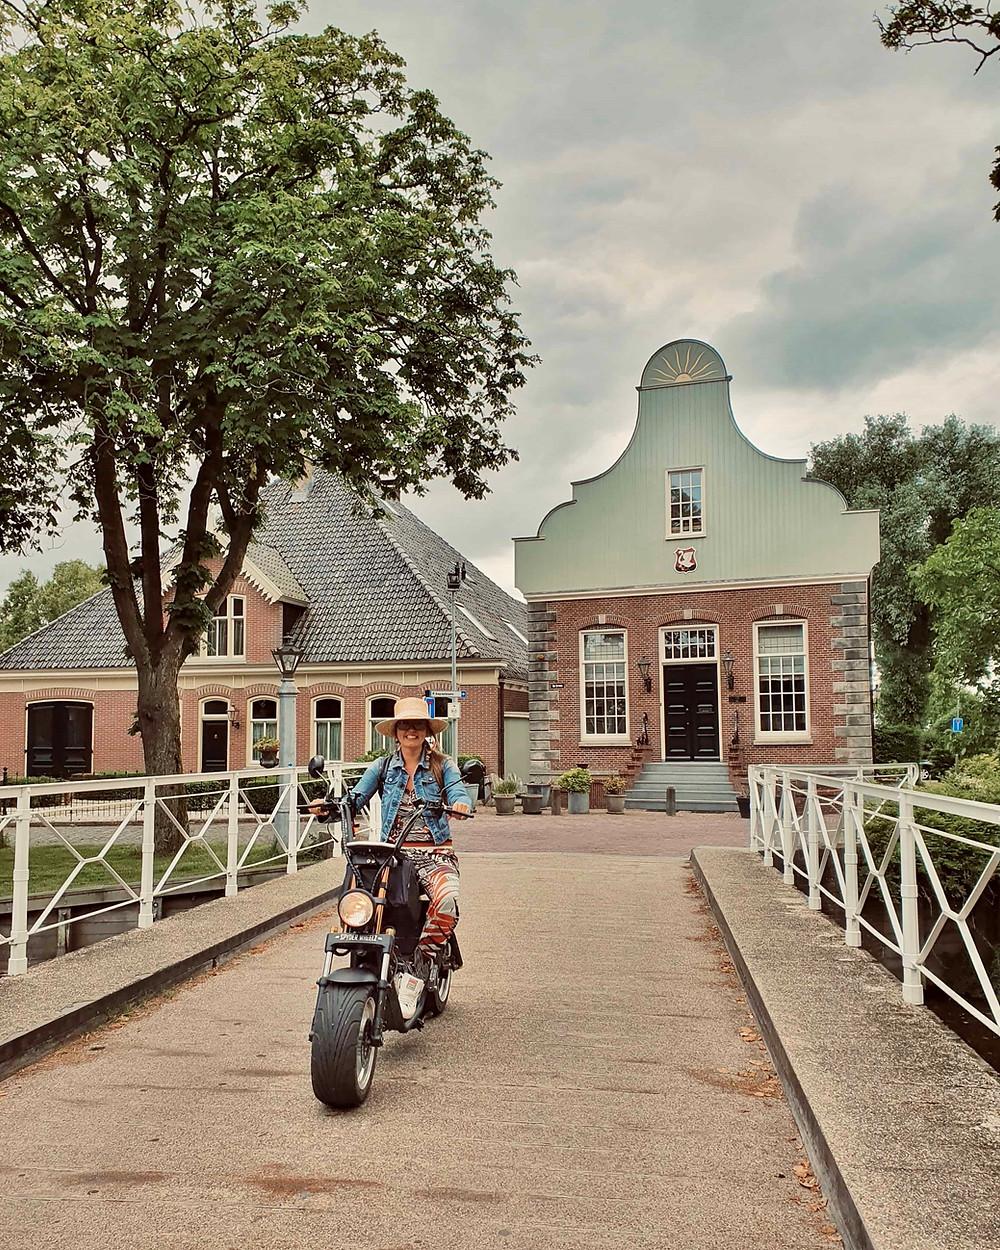 Broek in Waterland The Netherlands